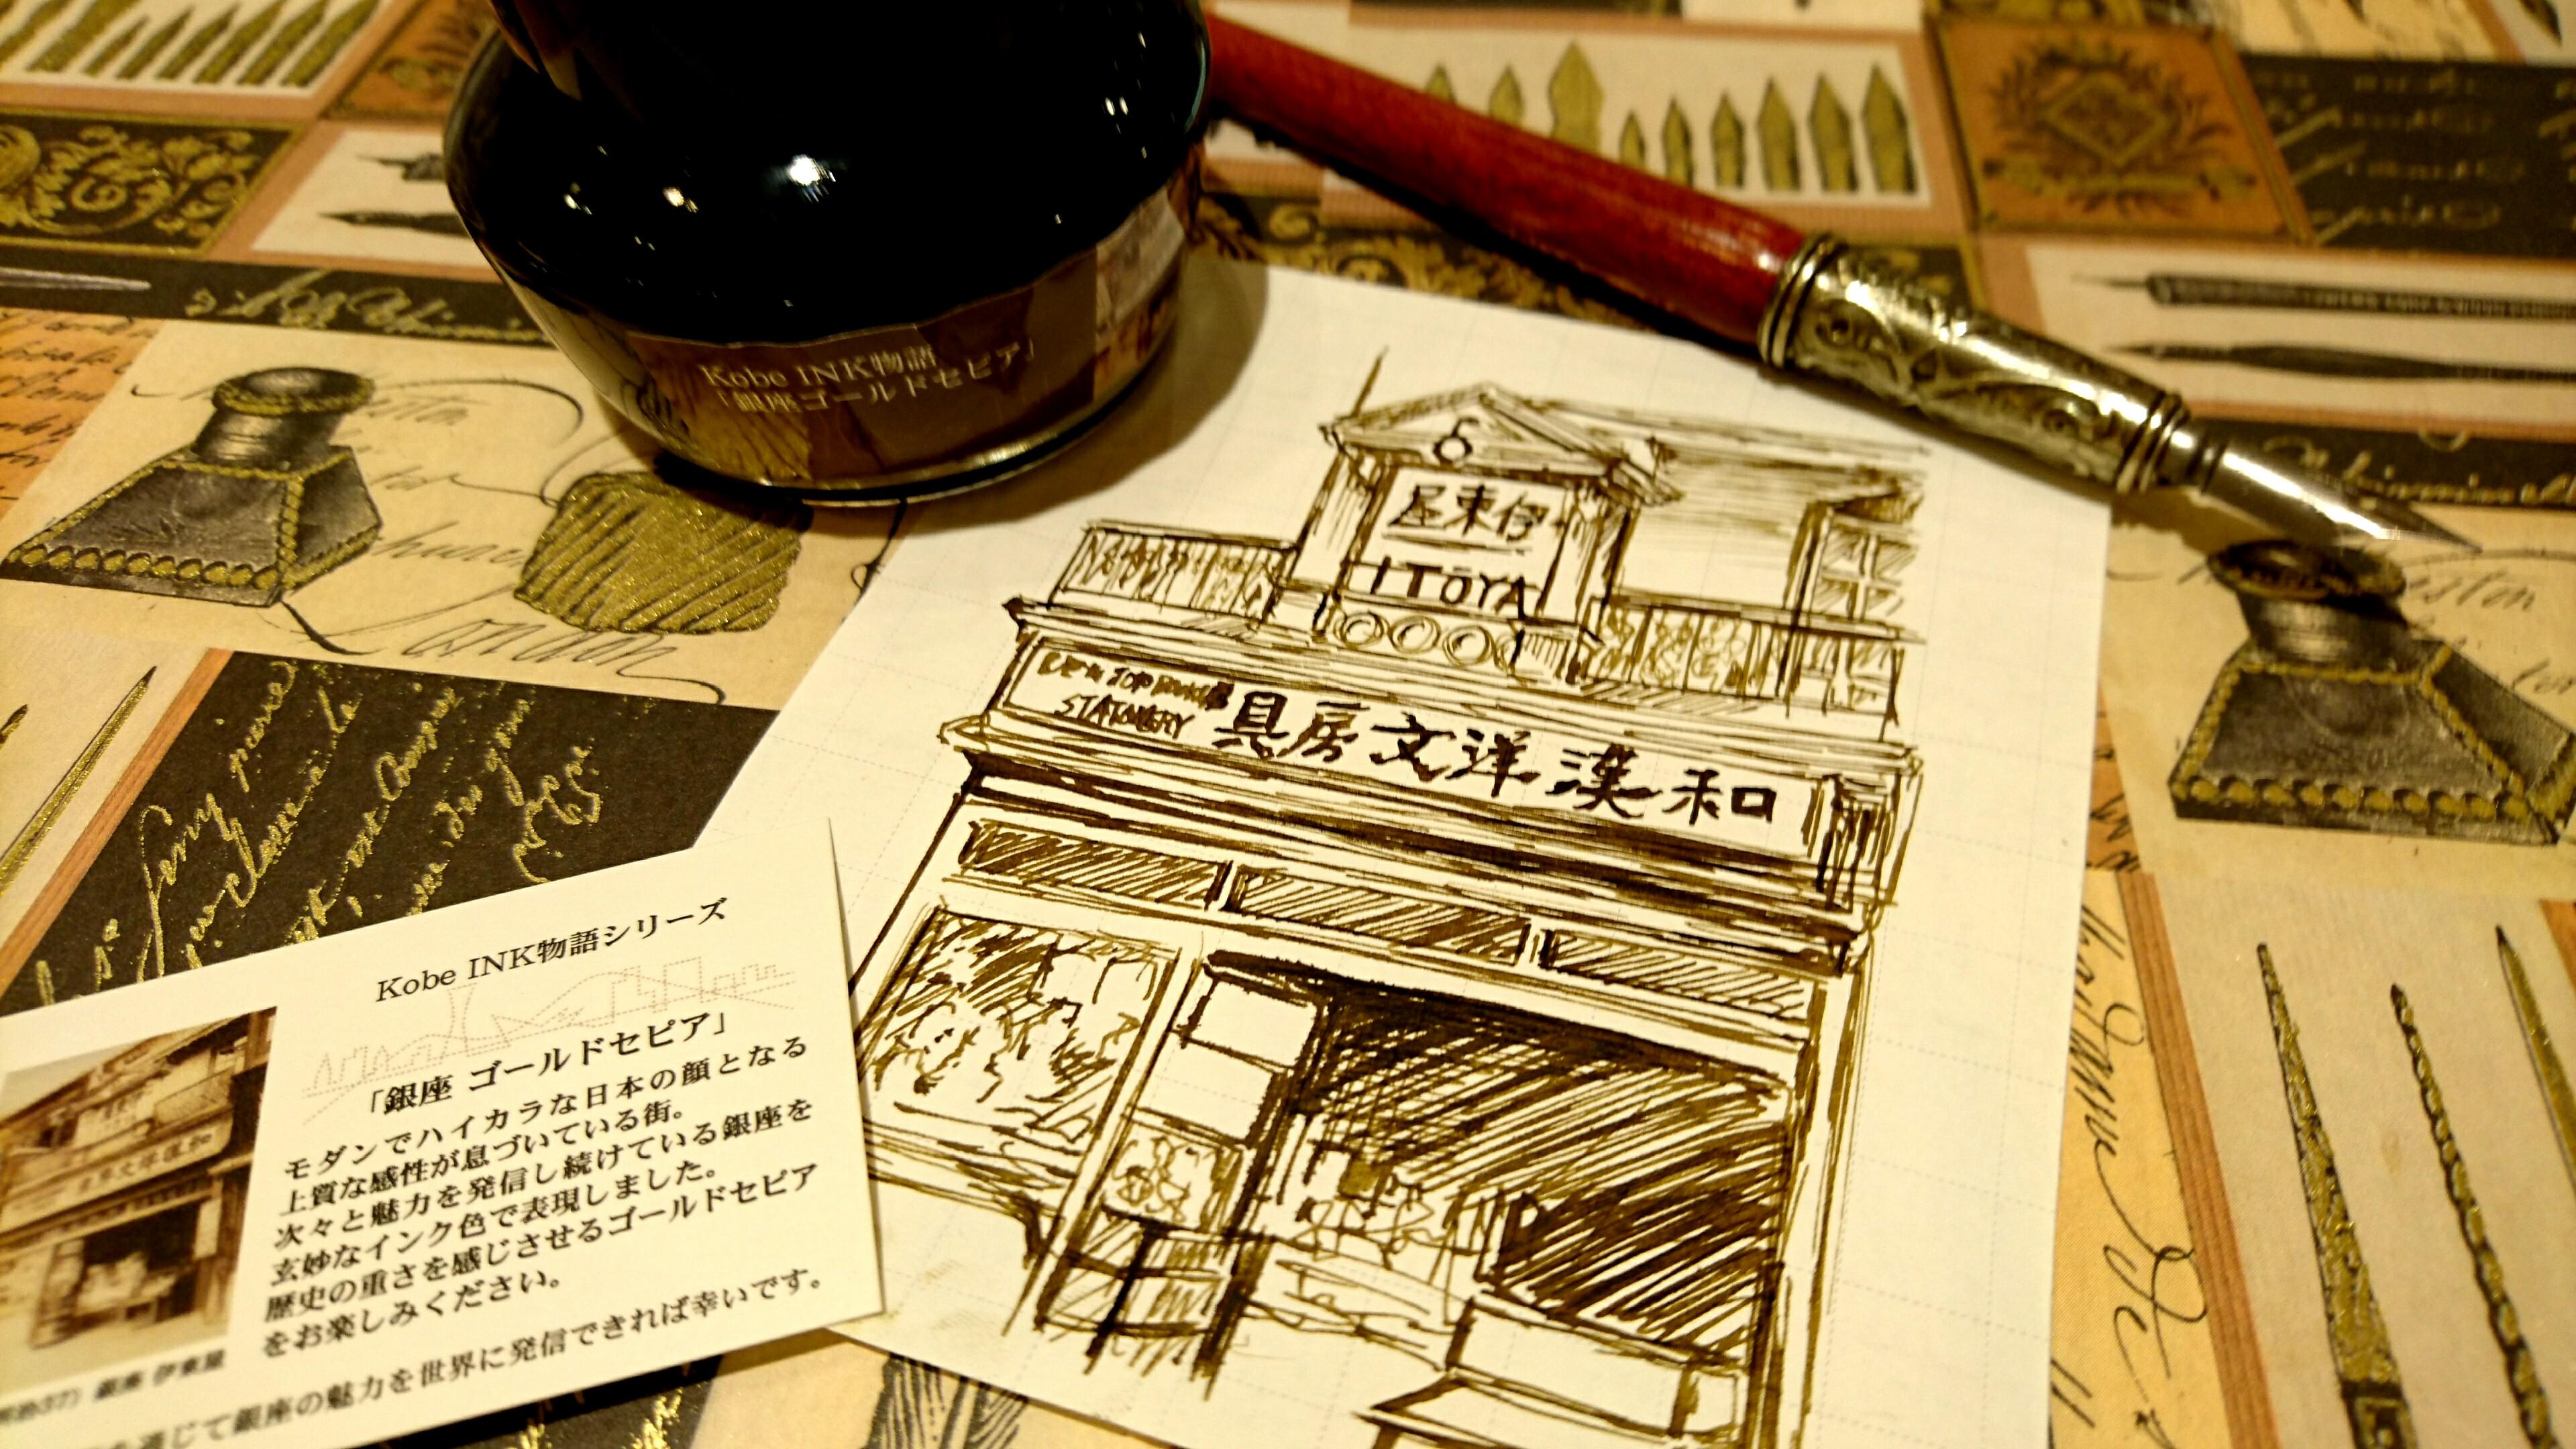 万年筆インクとイラストのお話 ナガサワ文具センター